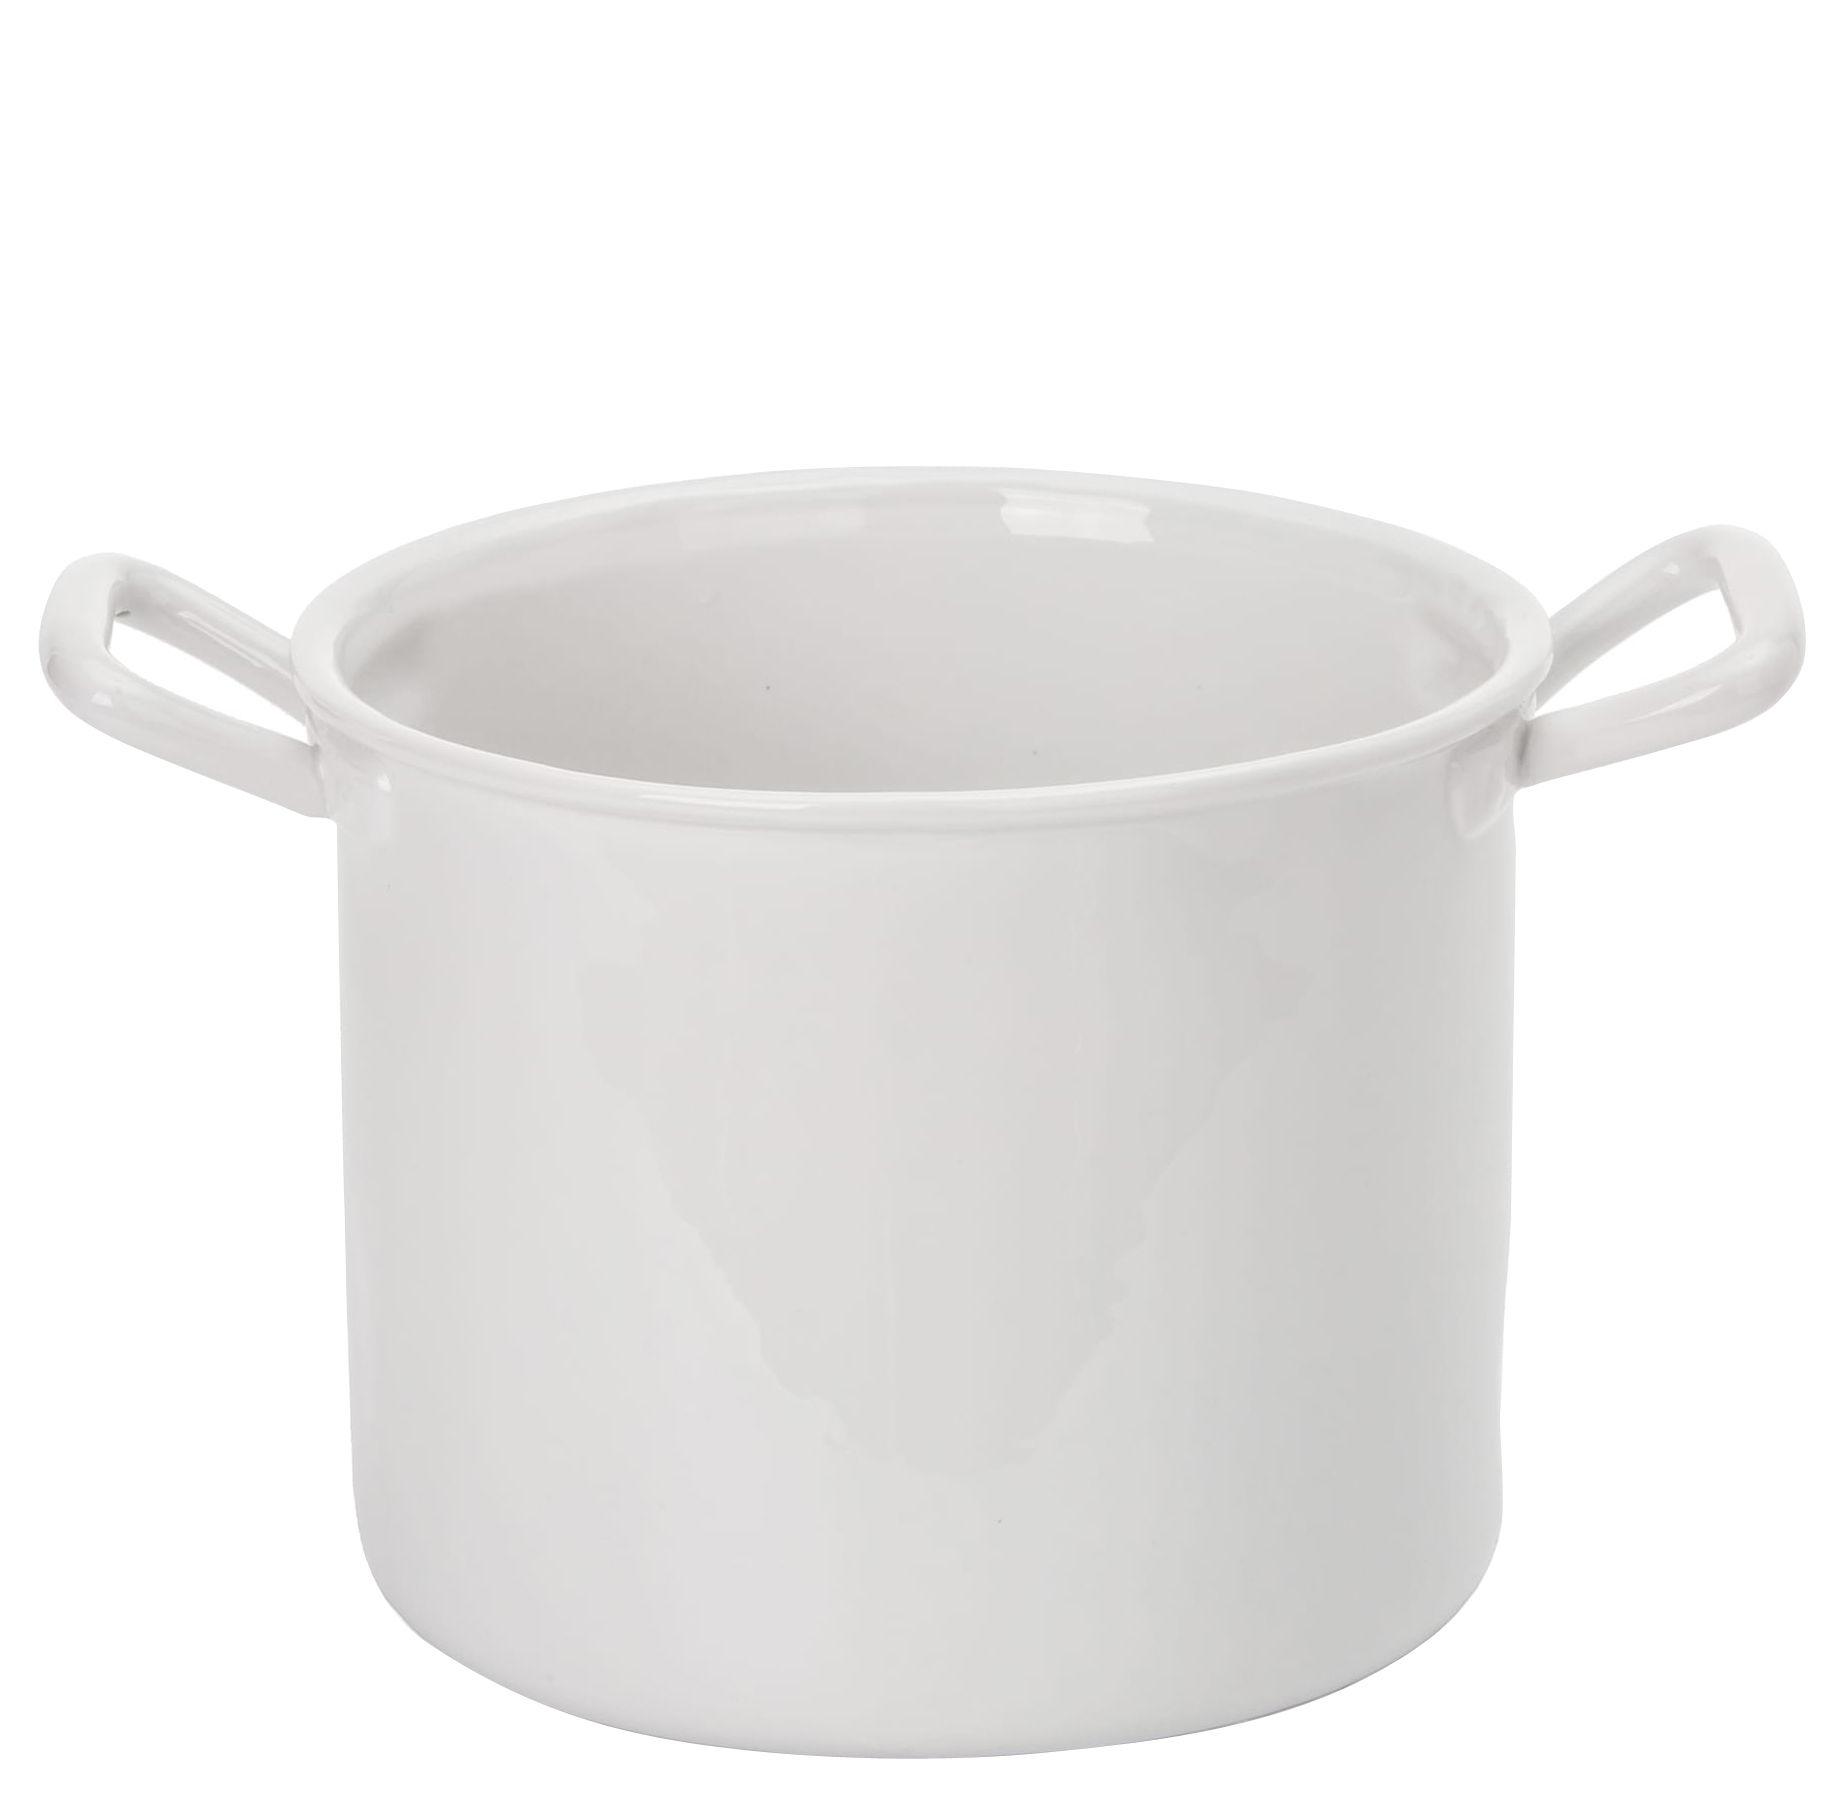 Arts de la table - Saladiers, coupes et bols - Bol Estetico Quotidiano / Pot - Ø 19 x H 16 cm - Seletti - H 16 cm / Blanc - Porcelaine